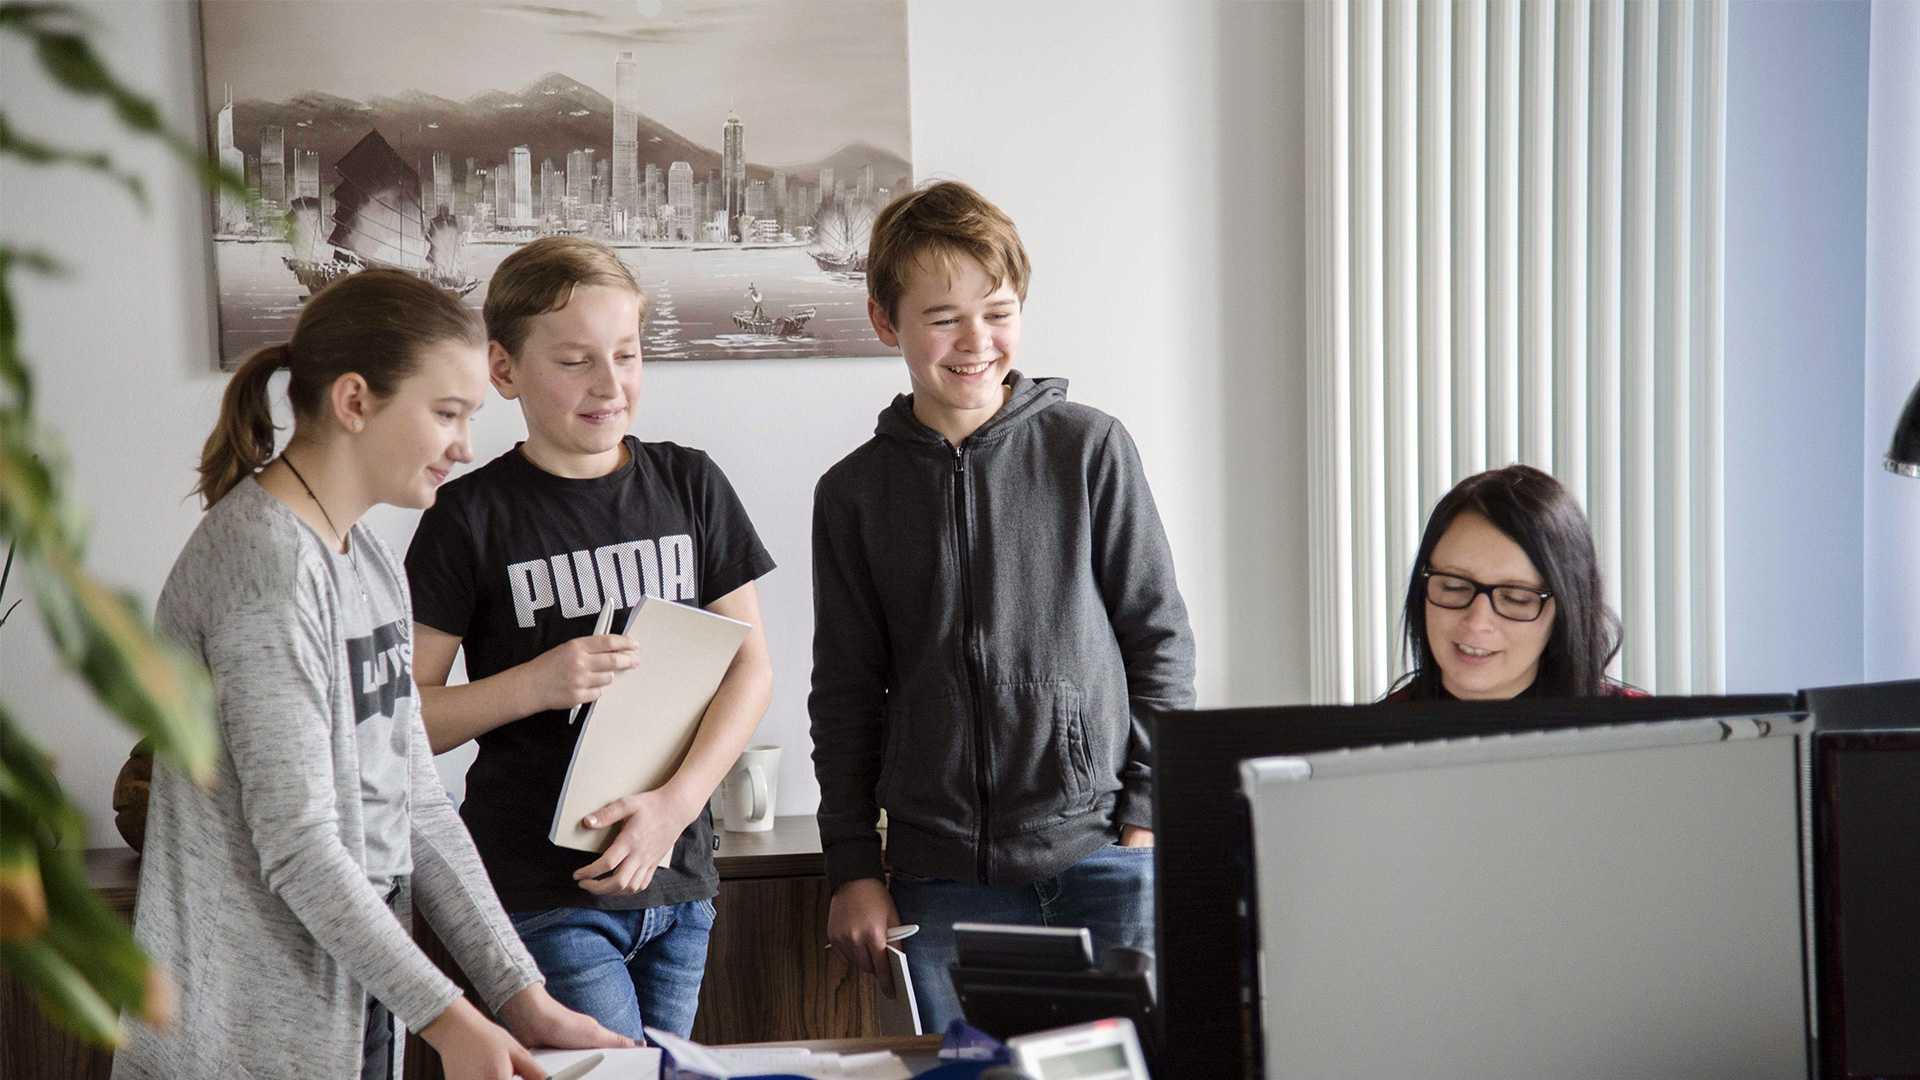 Zukunftstag 2019 bei Msuterhaus.net